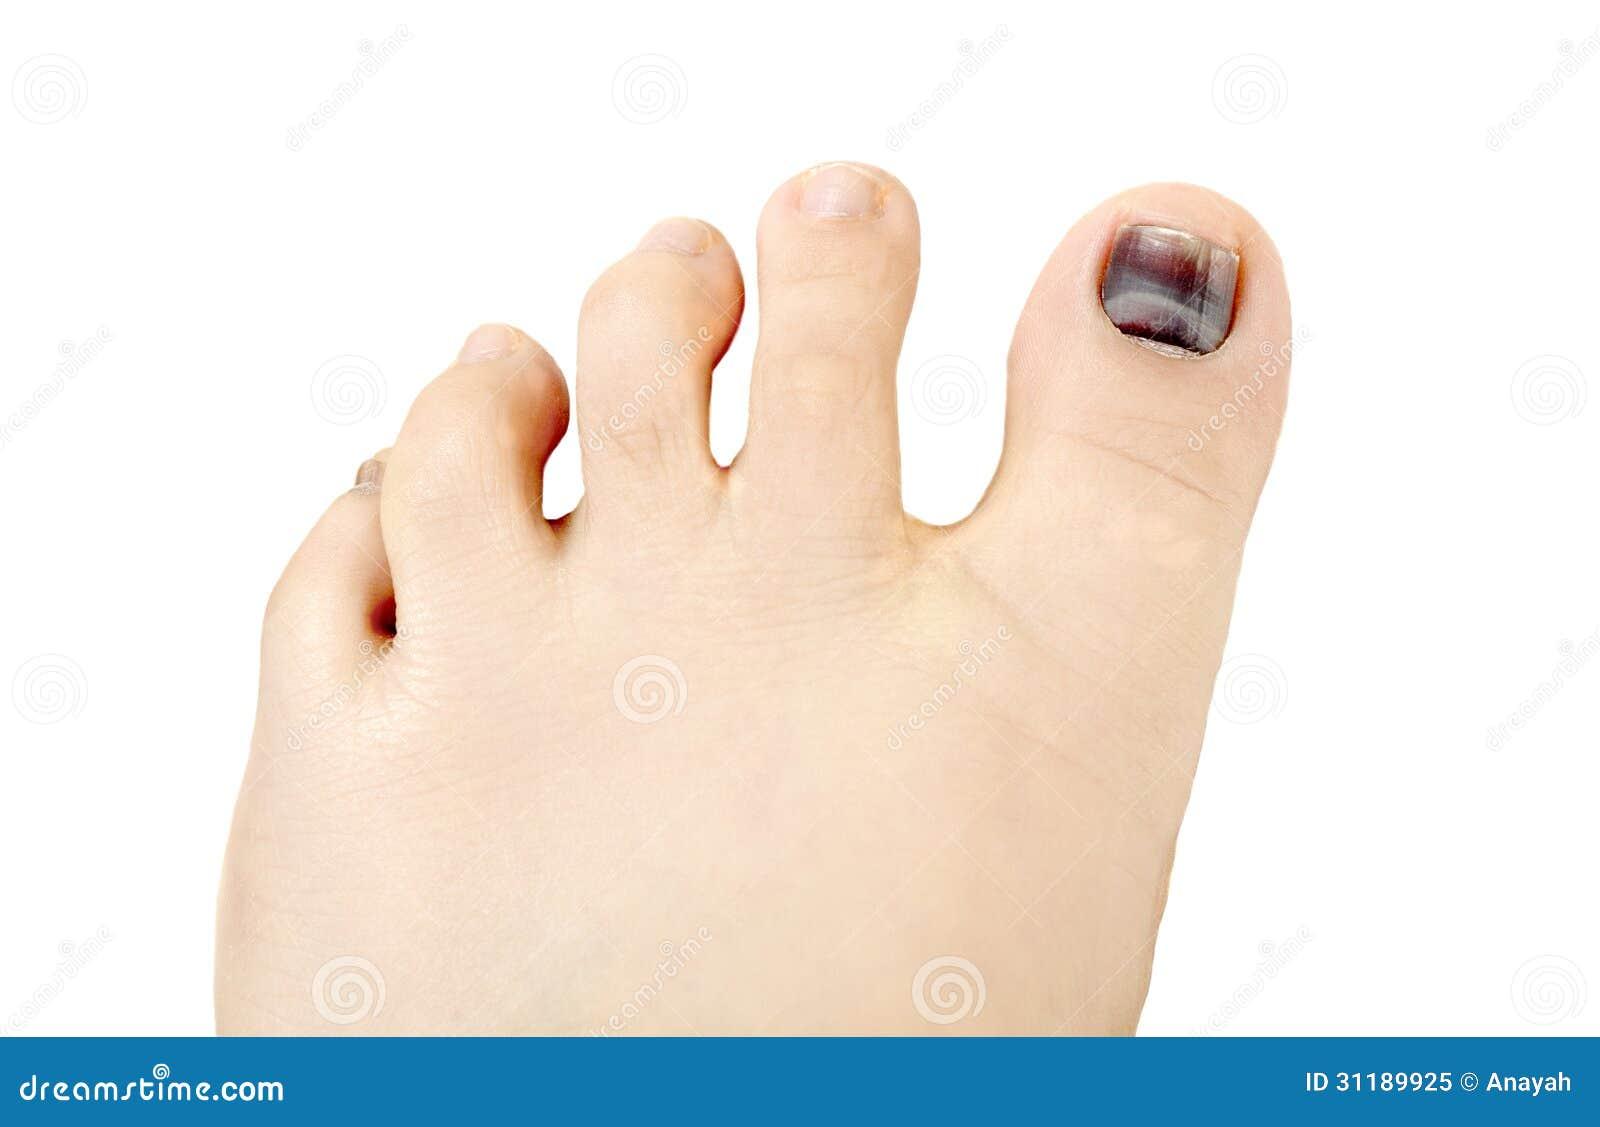 Subungual Hematoma Under Nail Stock Image - Image of pinched ...